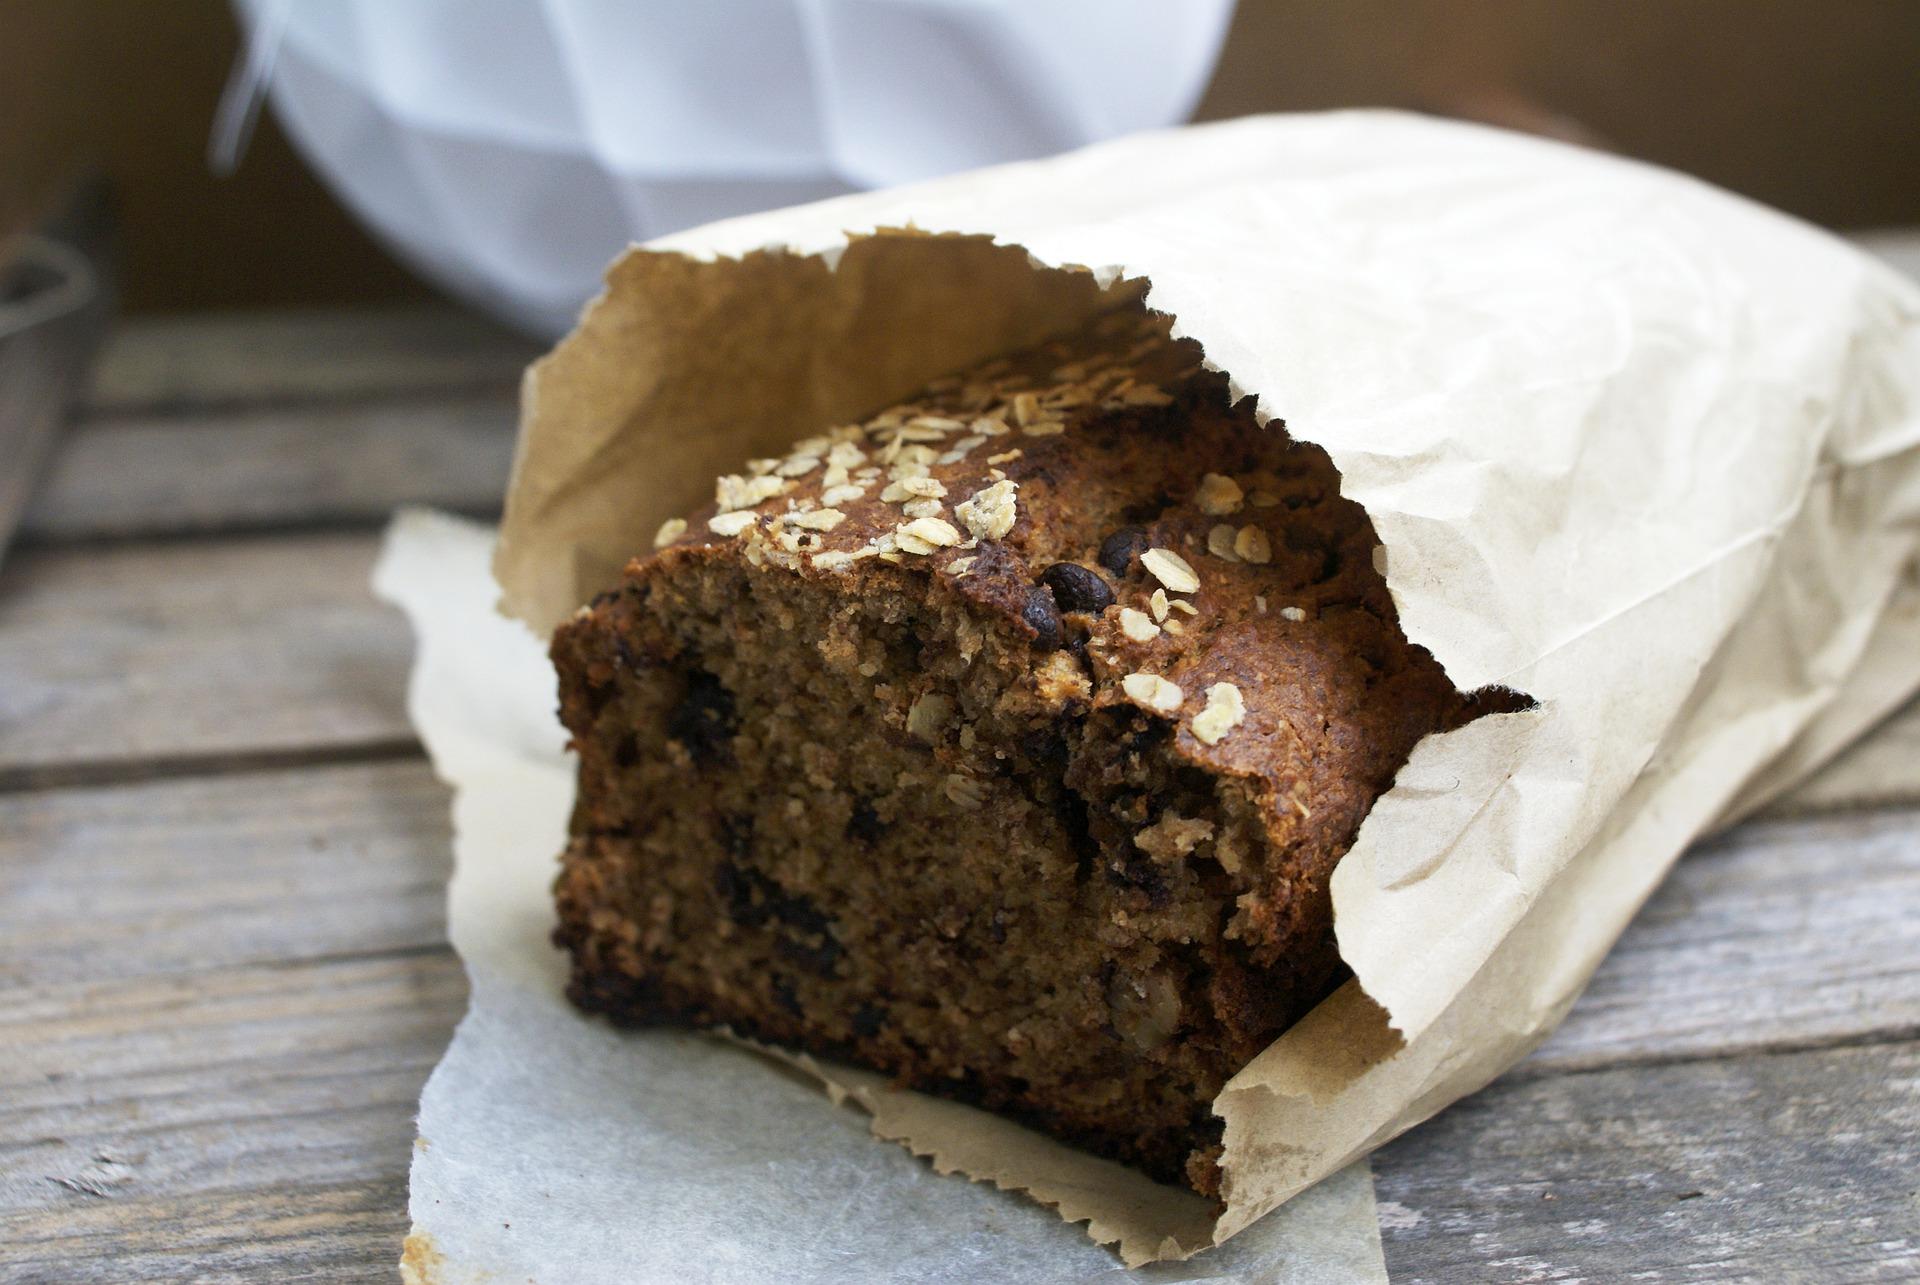 Vemos um bolo em um saco de padaria (imagem ilustrativa).